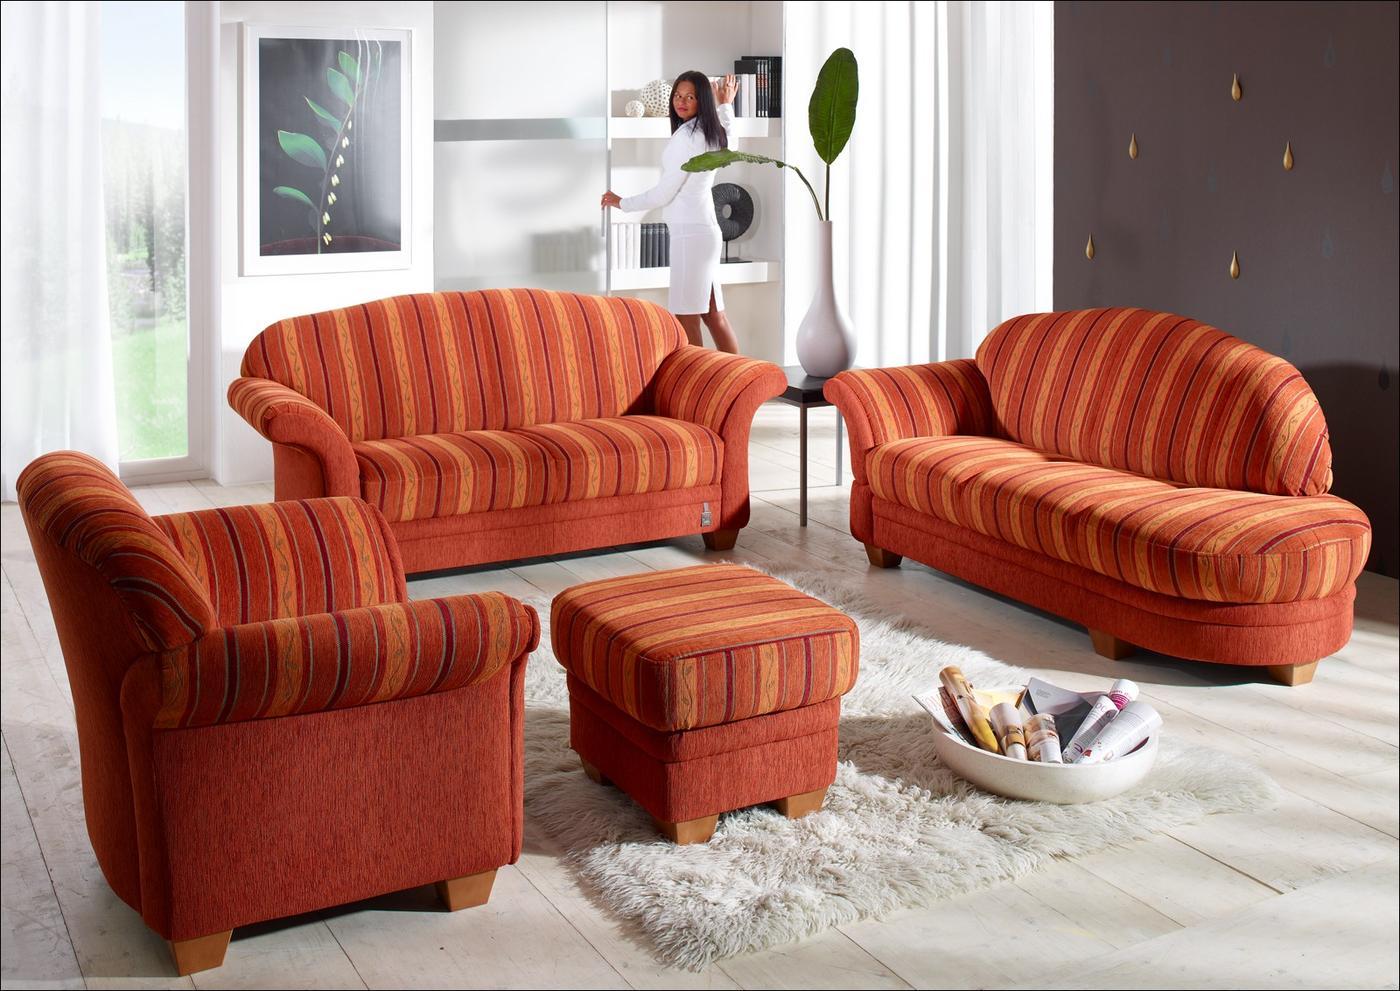 polsterm bel landhausstil leder. Black Bedroom Furniture Sets. Home Design Ideas